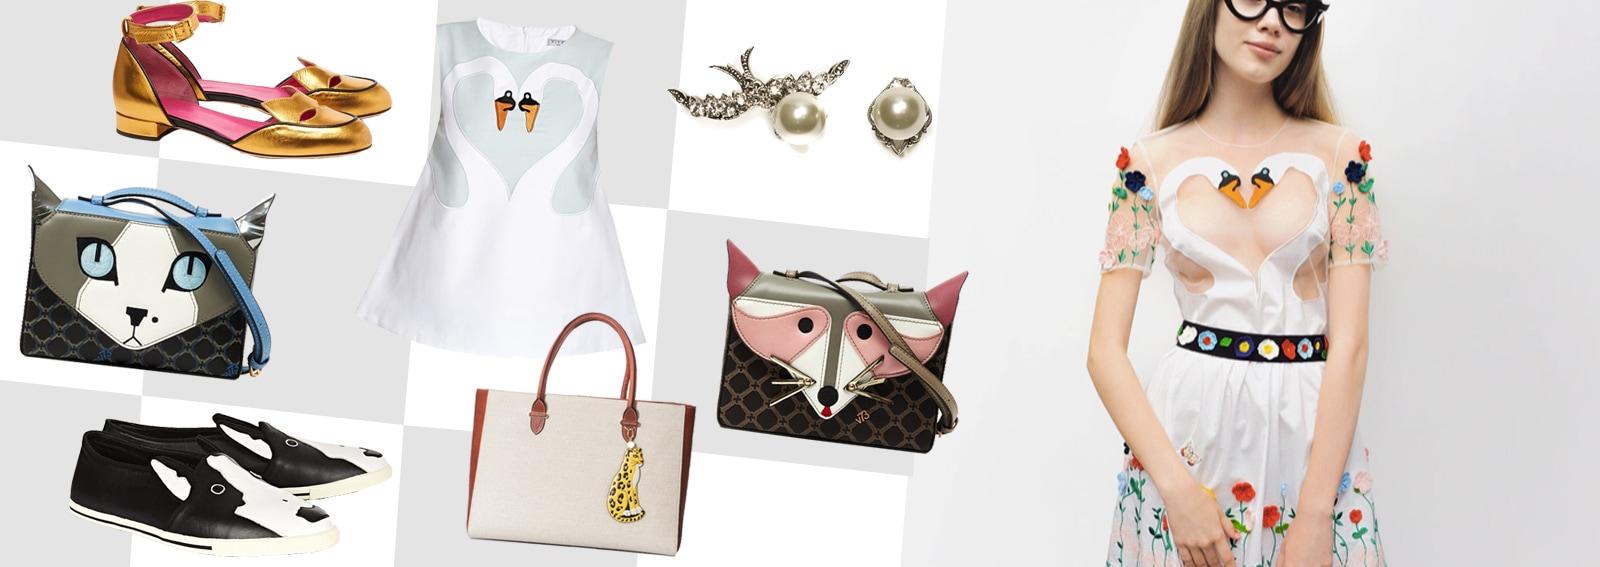 DESKTOP_fashion_zoo